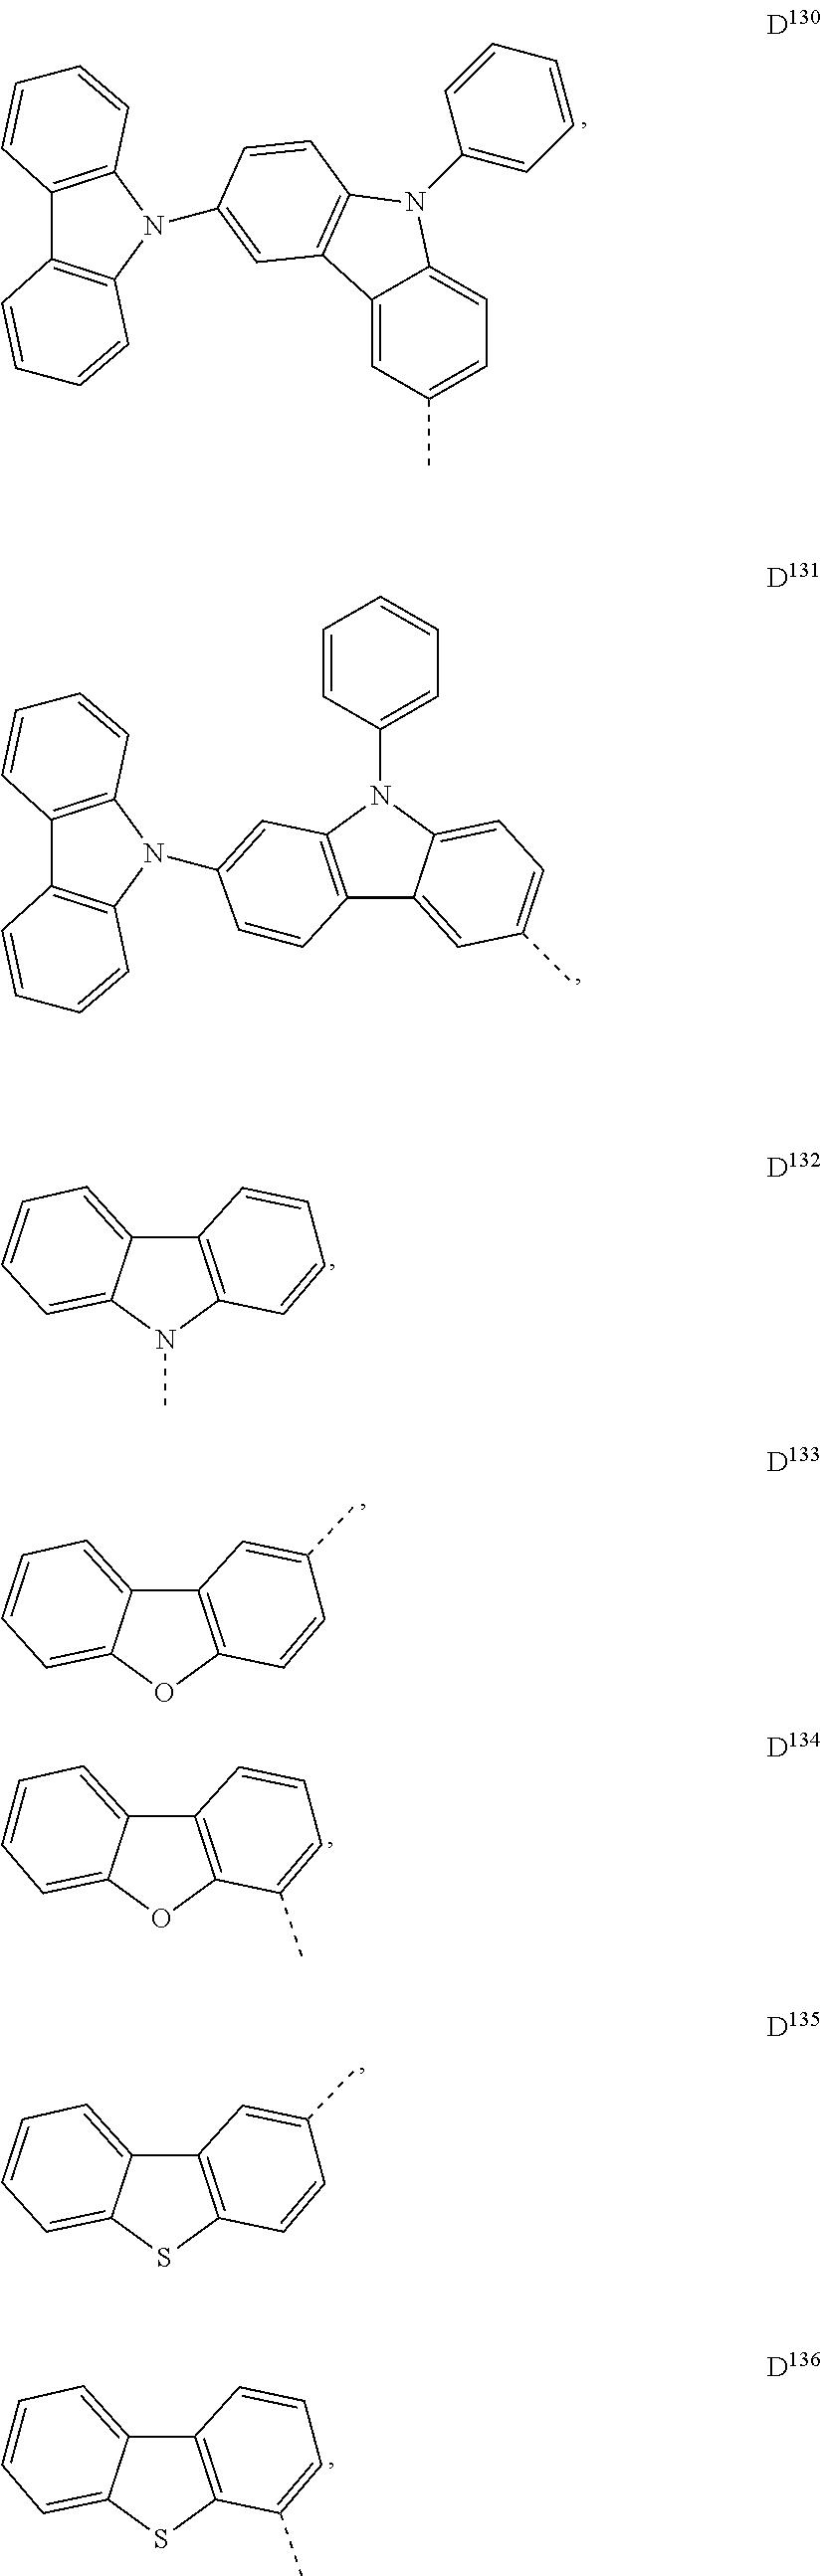 Figure US09209411-20151208-C00195